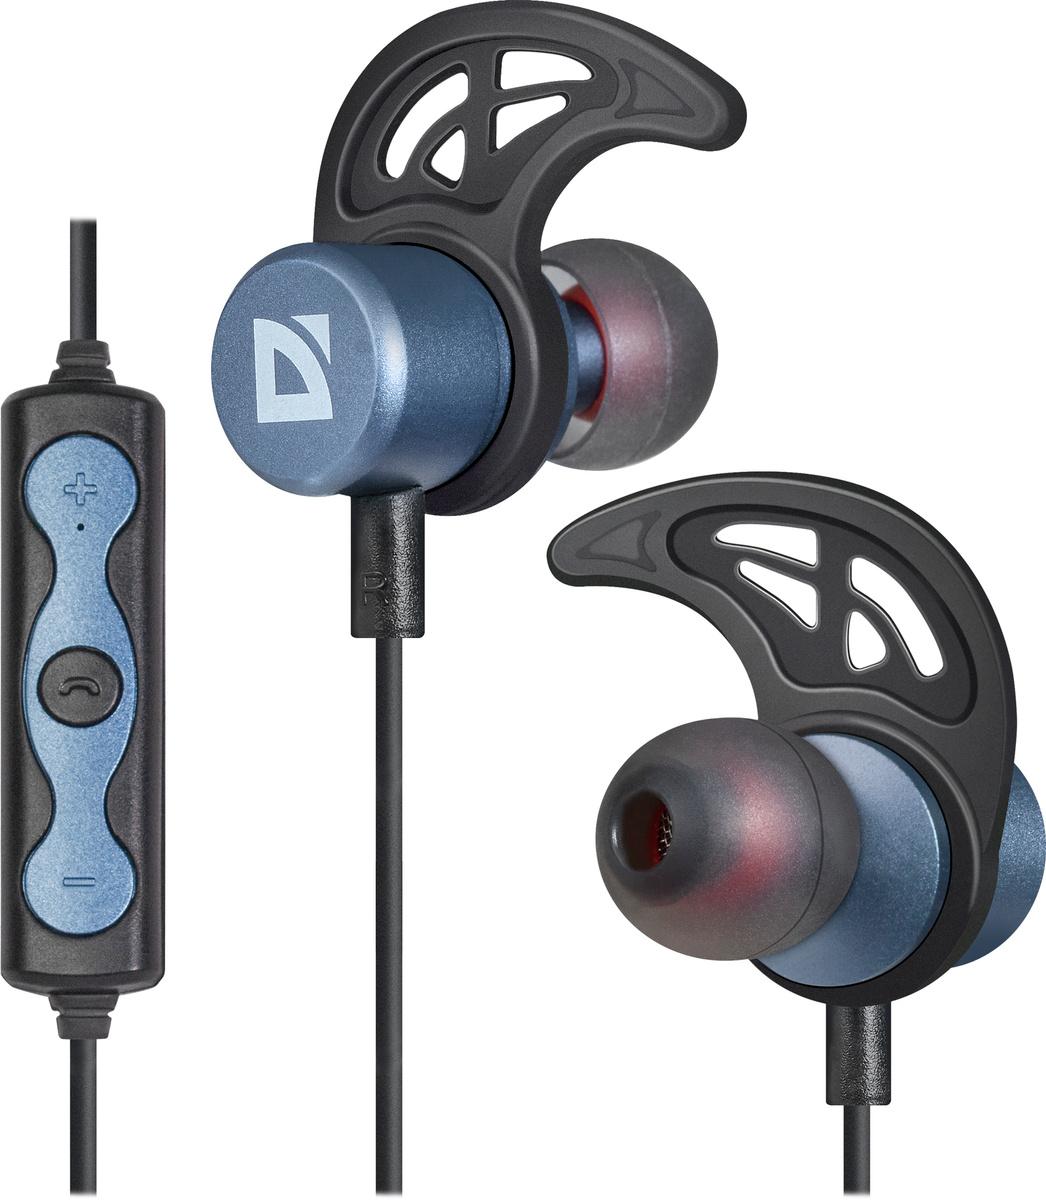 Беспроводные наушники Defender FreeMotion B685, синий + черный, внутриканальные  #1